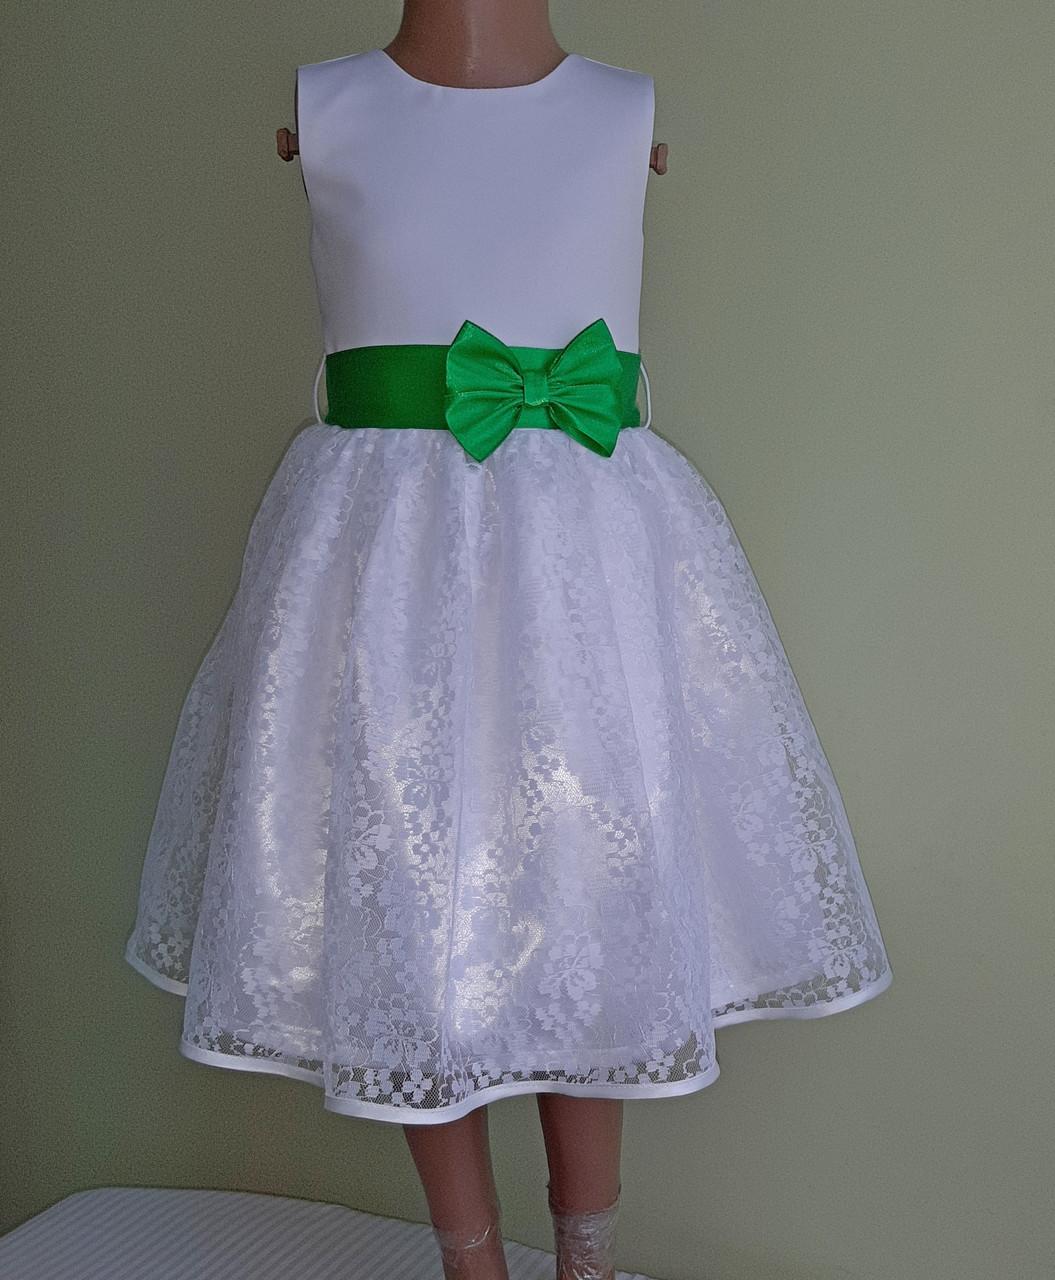 Святкова дитяча білосніжна сукня з зеленим бантом